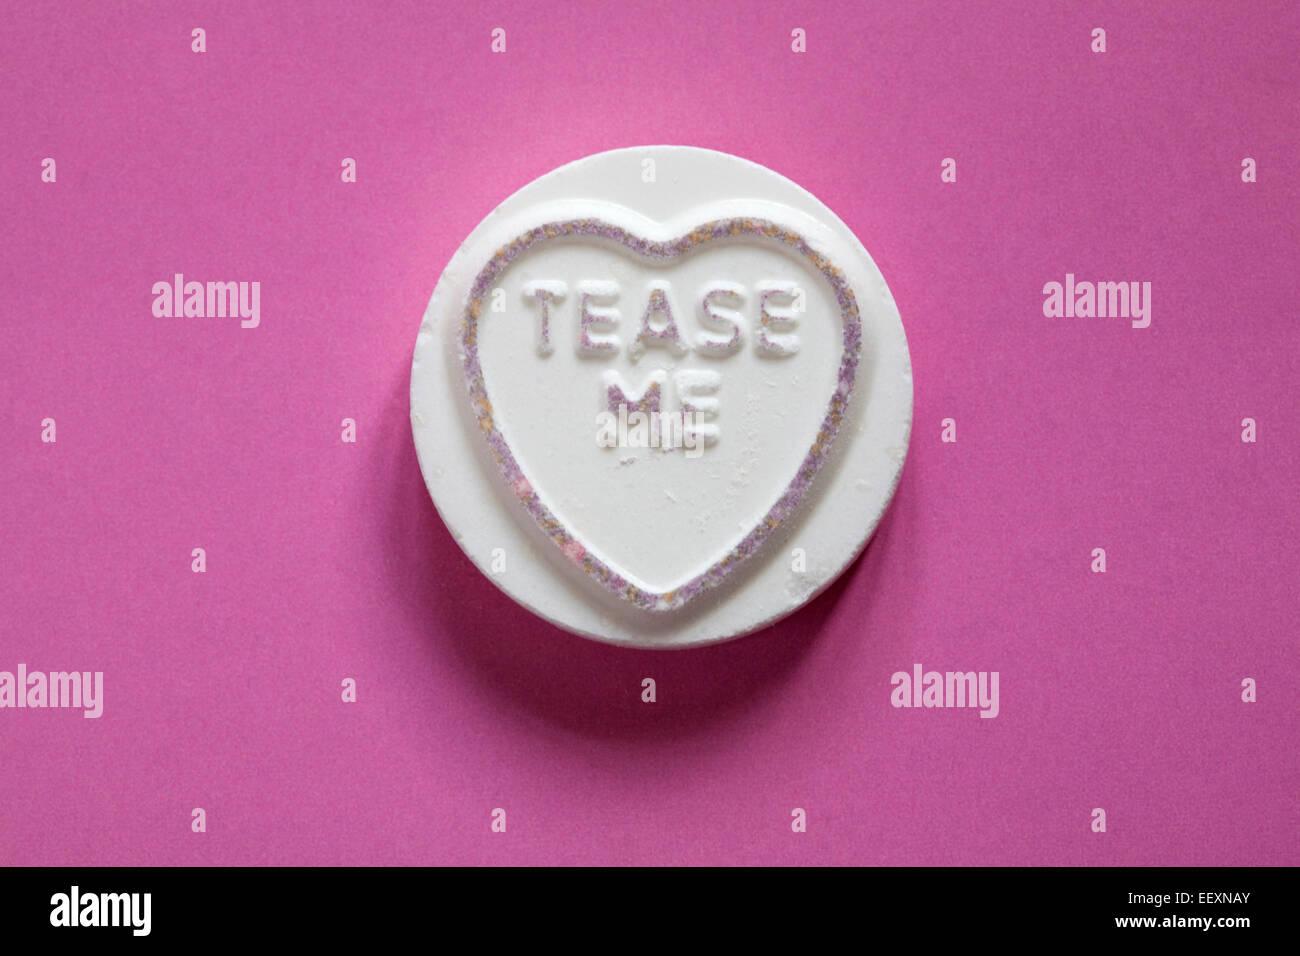 Amor gigante Matlow Swizzels corazones - dulce individual con burla de mí aislado sobre fondo de color rosa - Mensaje del Día de San Valentín Foto de stock